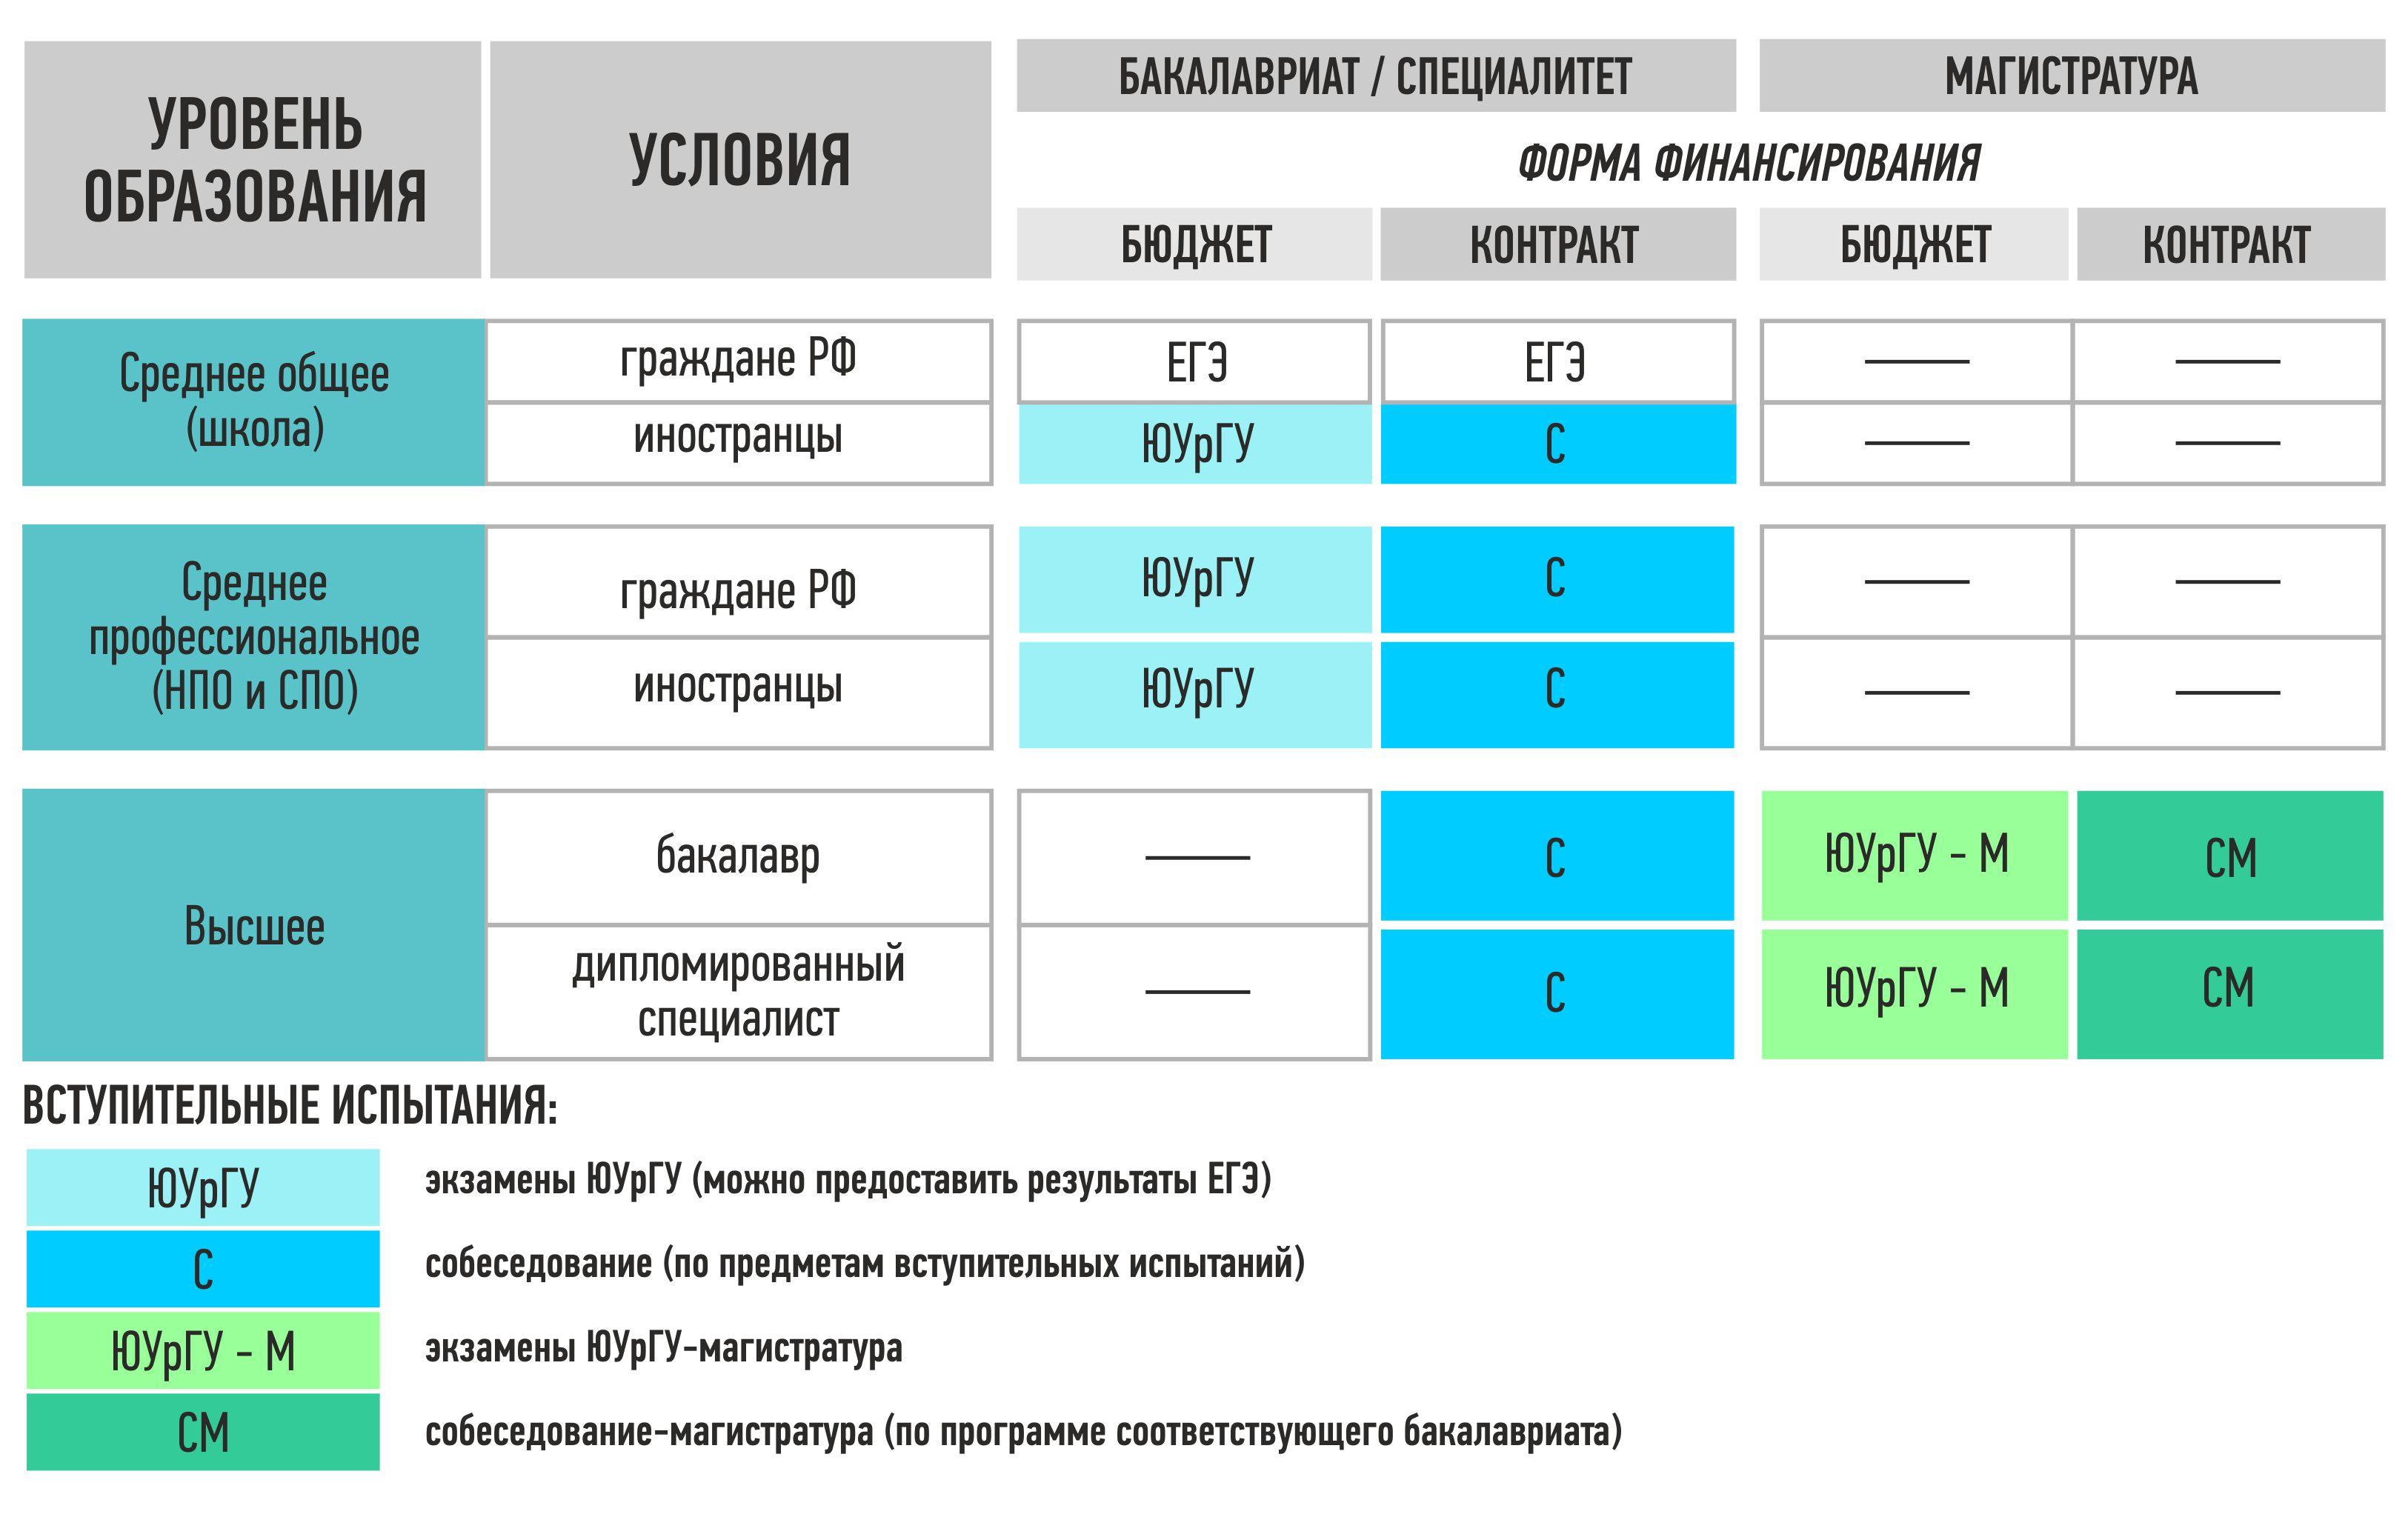 Виды высшего образования в россии и подготовка кадров высшей квалификации. сколько уровней высшего профессионального образования в рф?